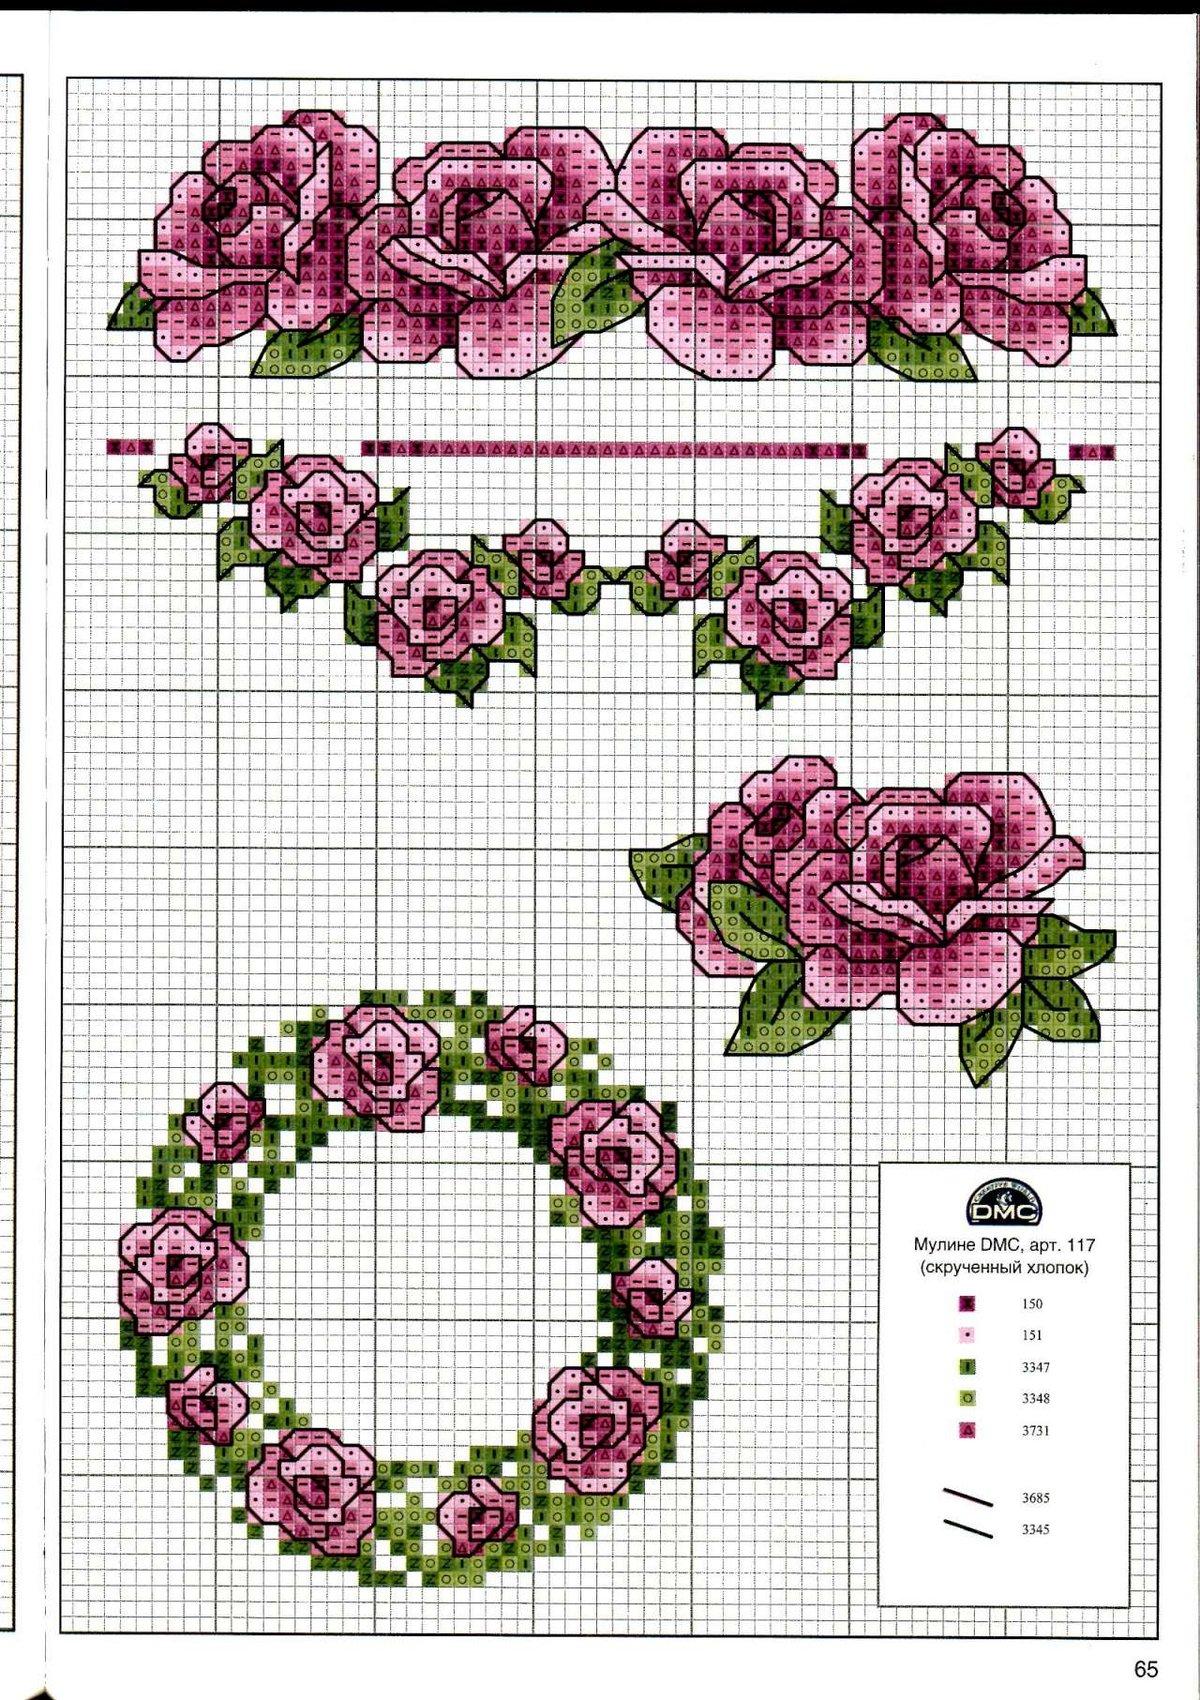 Вышивка цветы схема крестиком 69